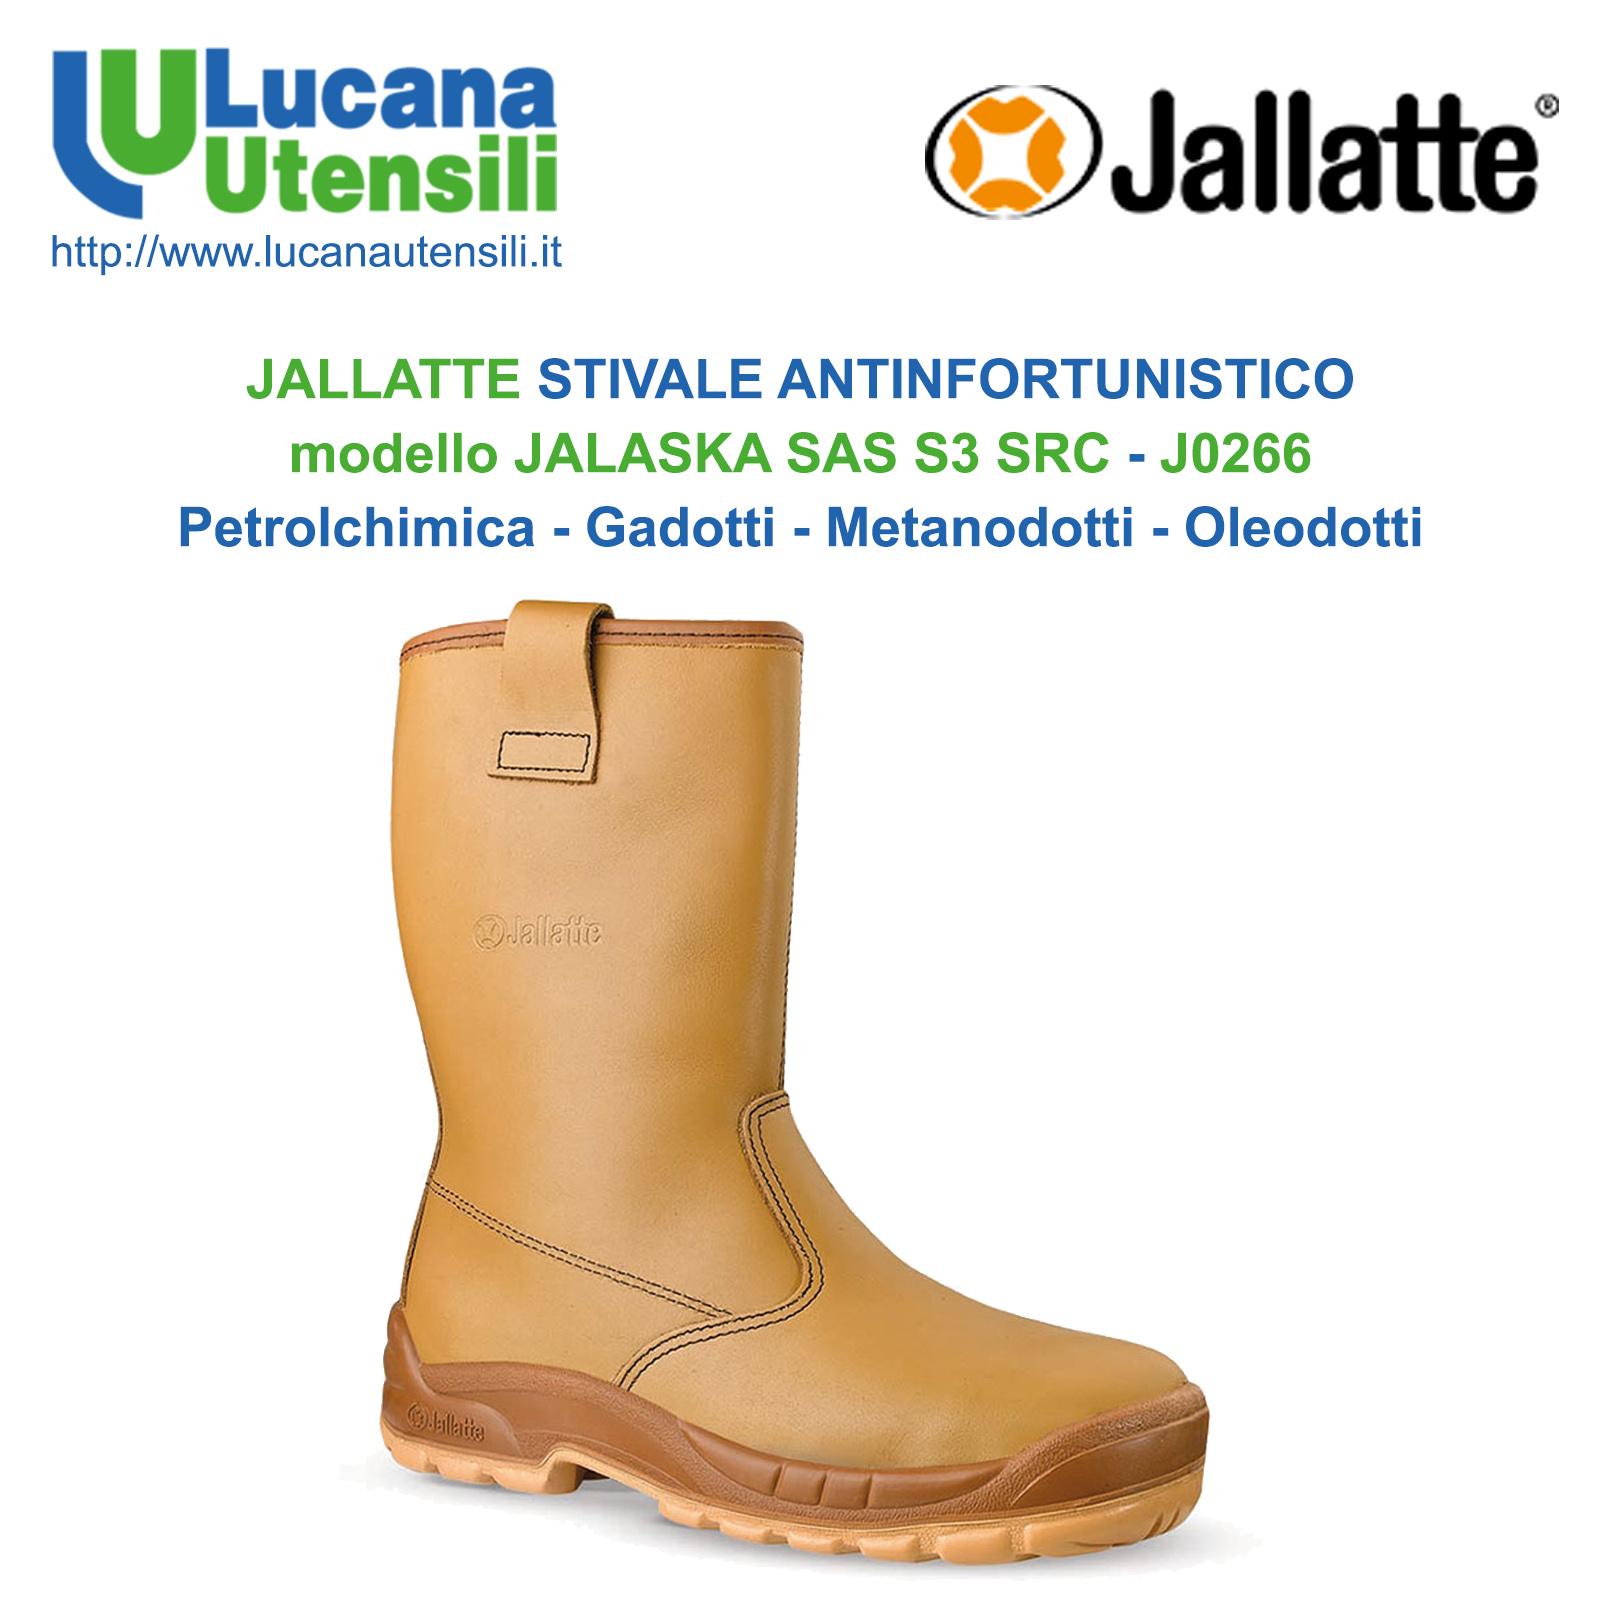 nuovo stile 60602 91e8b JALLATTE STIVALE ANTINFORTUNISTICO modello JALASKA SAS S3 SRC - J0266 -  Lavoro - Unisex - Petrolchimica - Gadotti - Metanodotti - Oleodotti